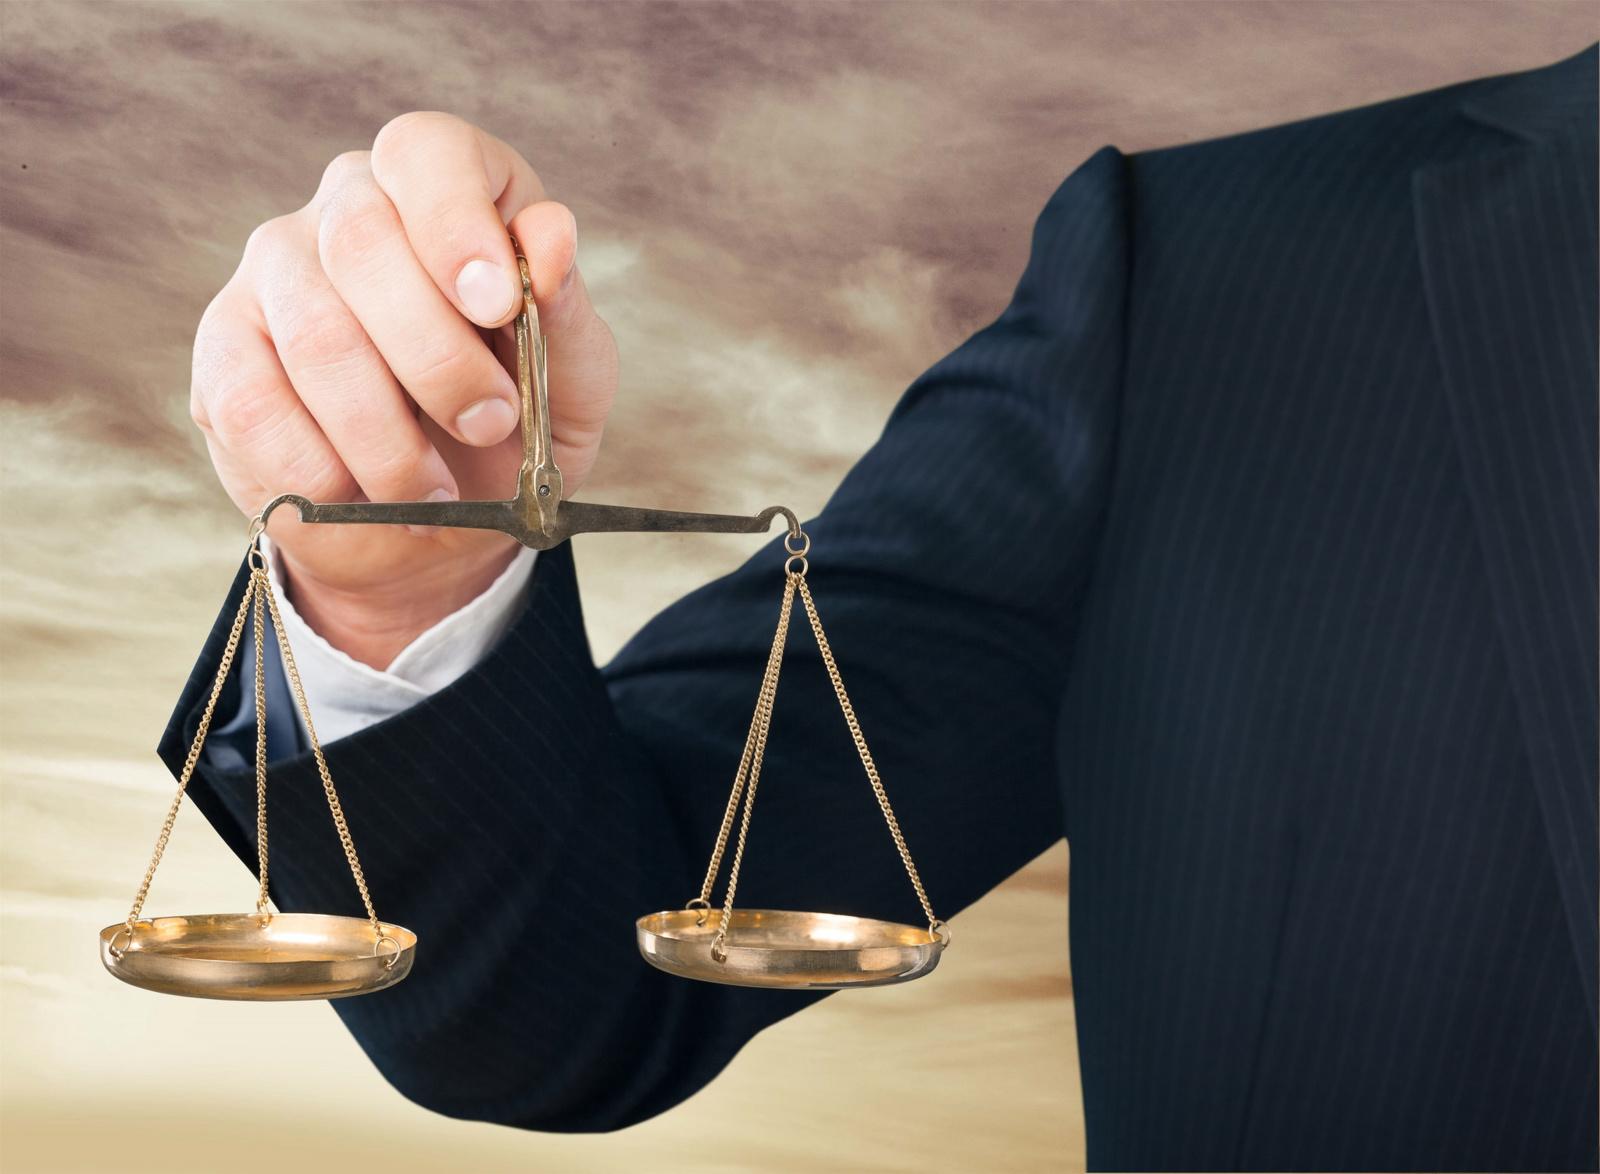 Ar valdžiai rūpi, kad konkurencija būtų sąžininga?